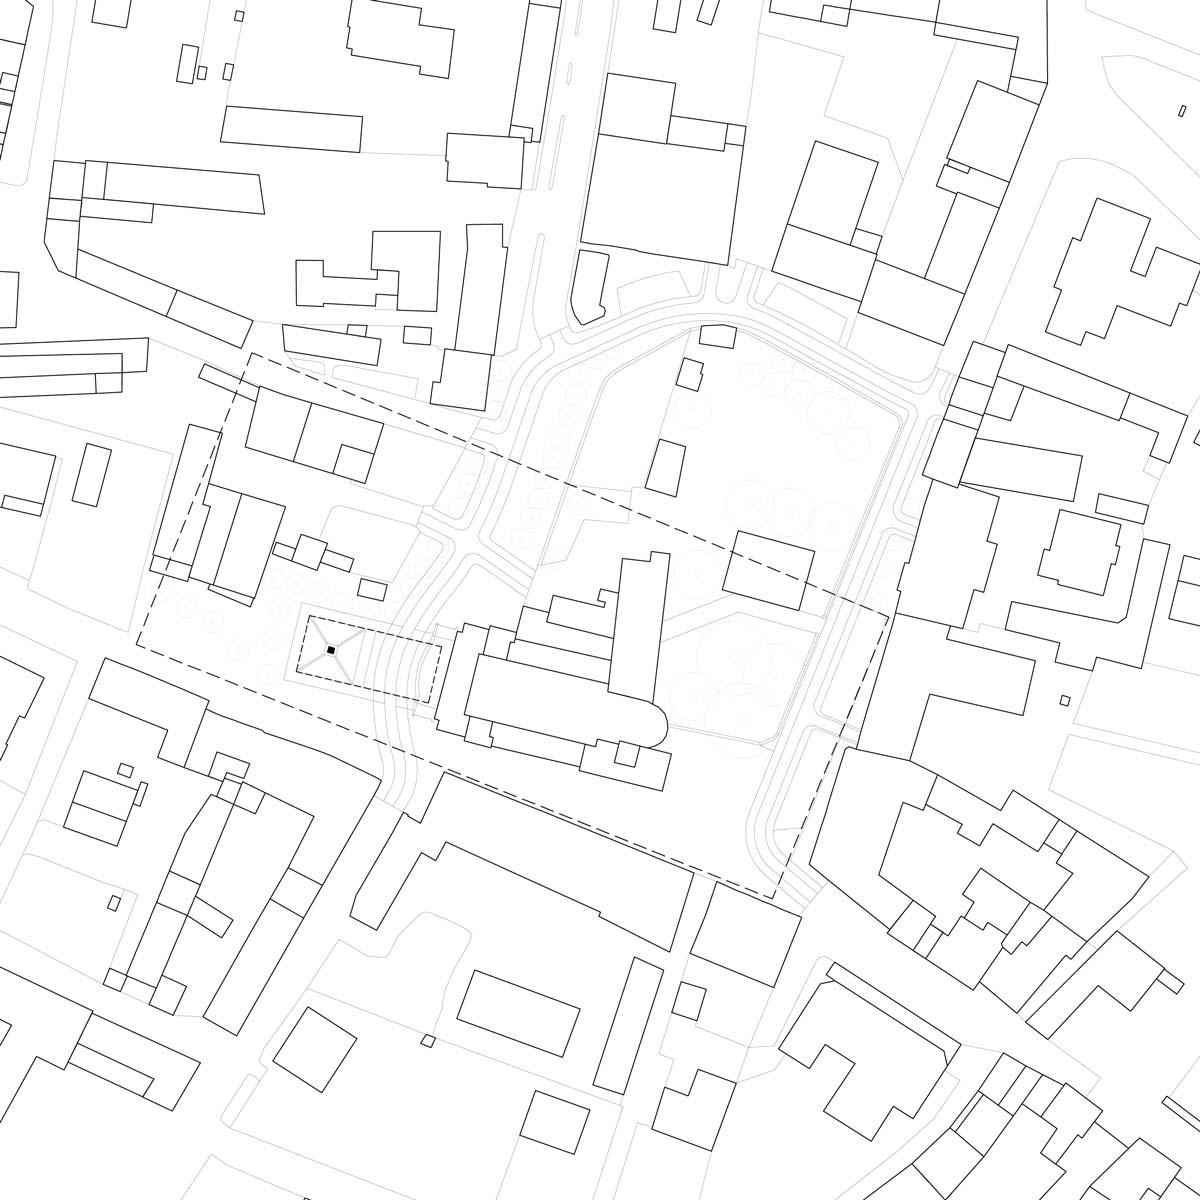 Degli-Esposti-Architetti_Colnago-Historical-Center-Public-Spaces_02b